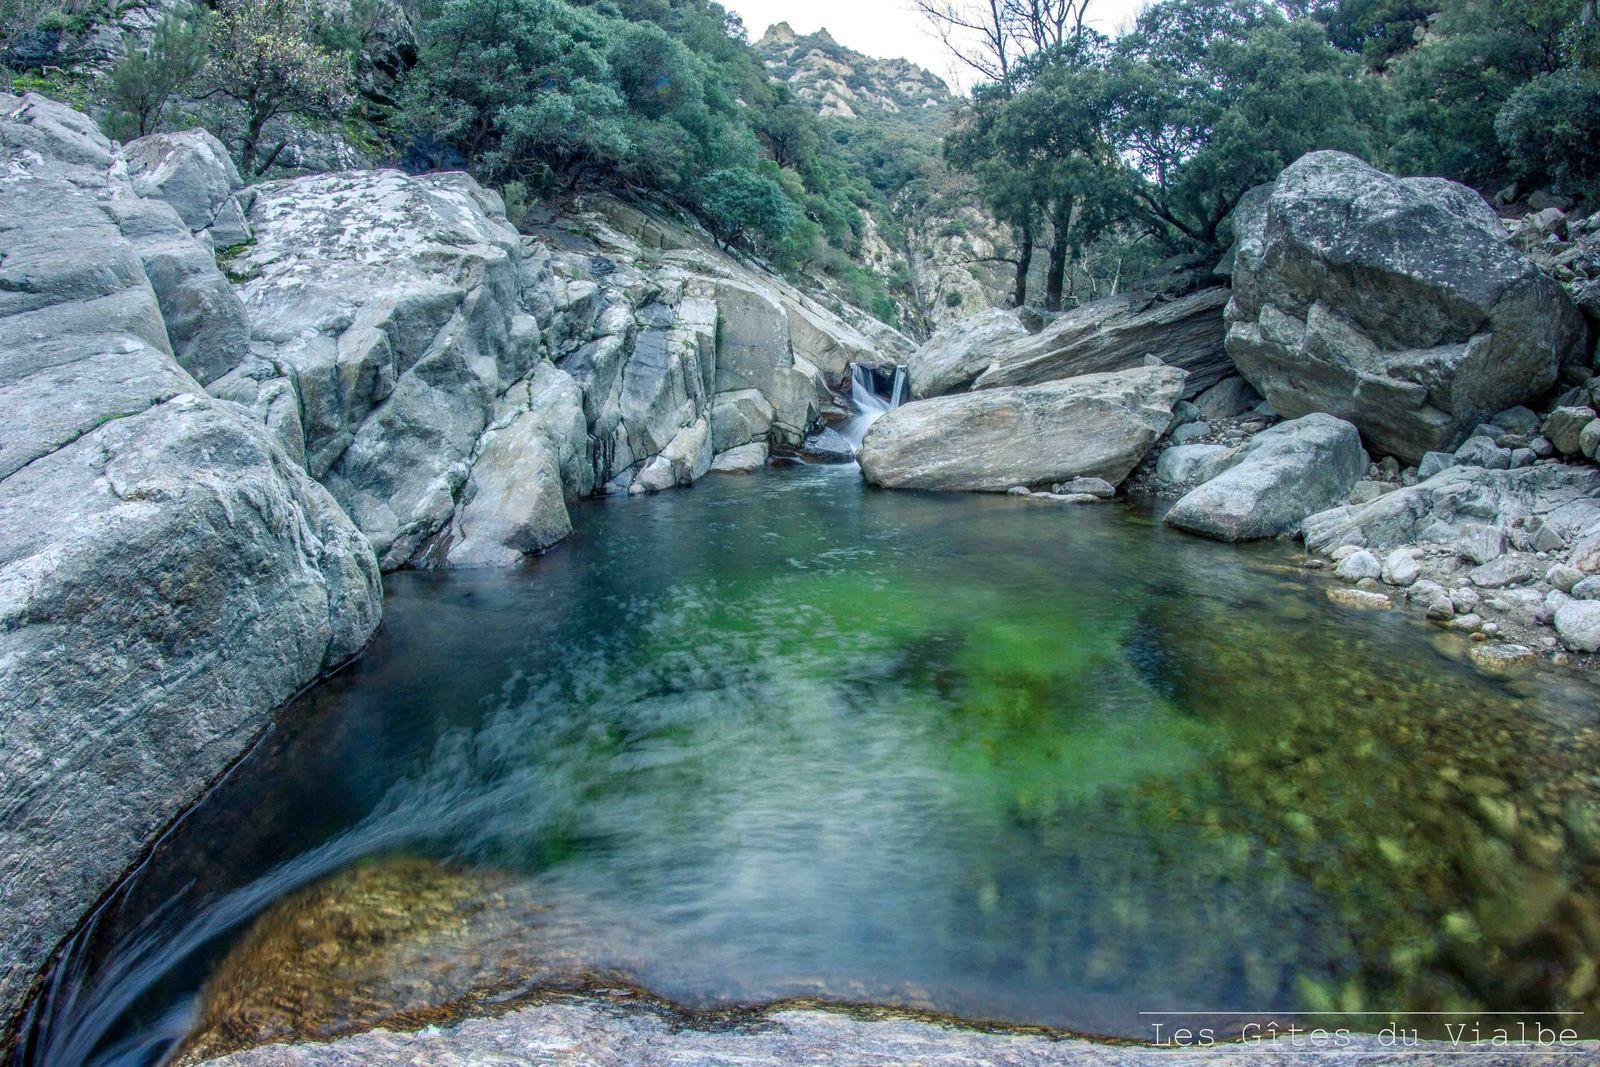 Balade et photos dans les gorges d'Héric